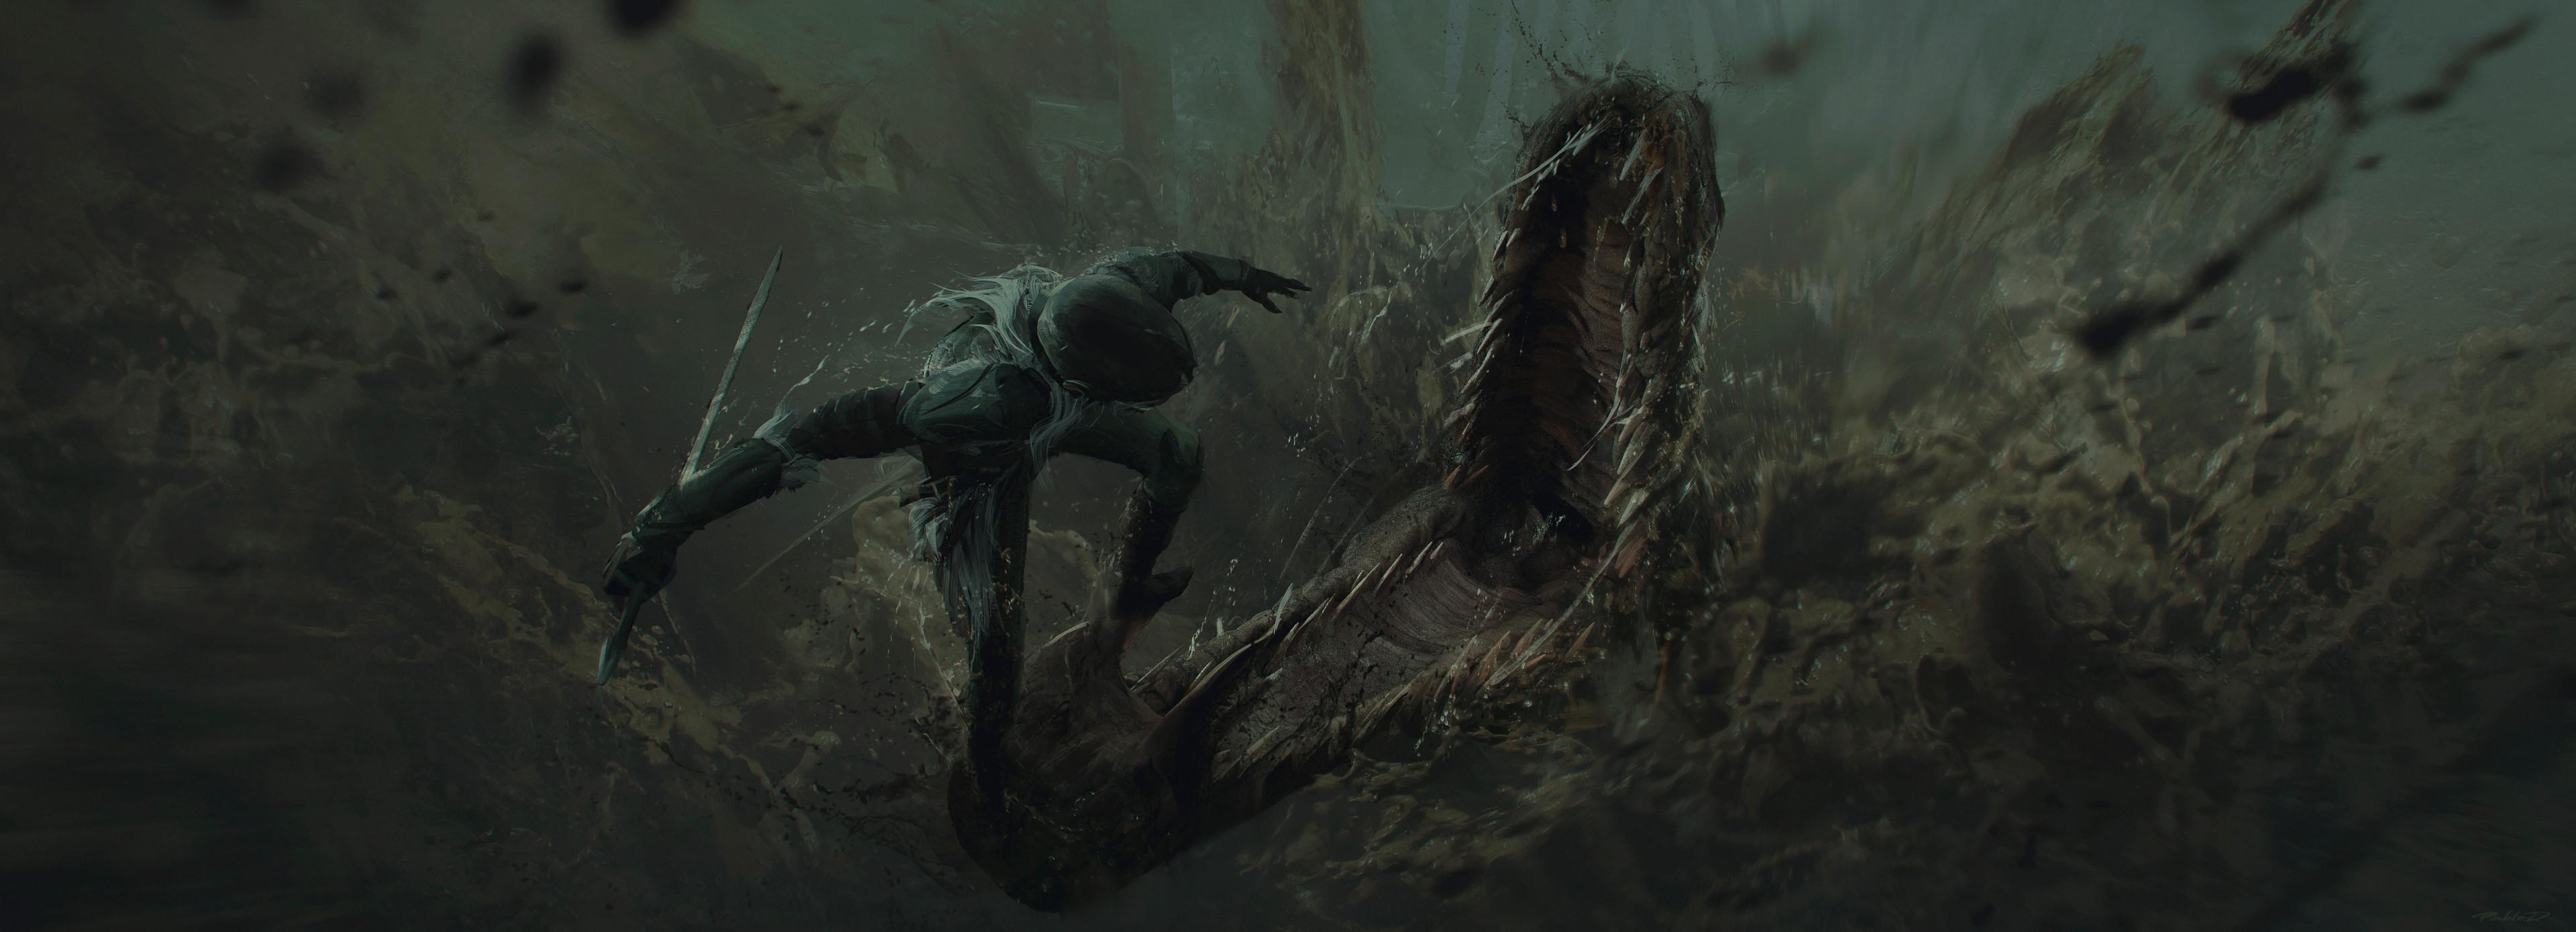 pablo-dominguez-dragonscene-scene12-v001.jpg